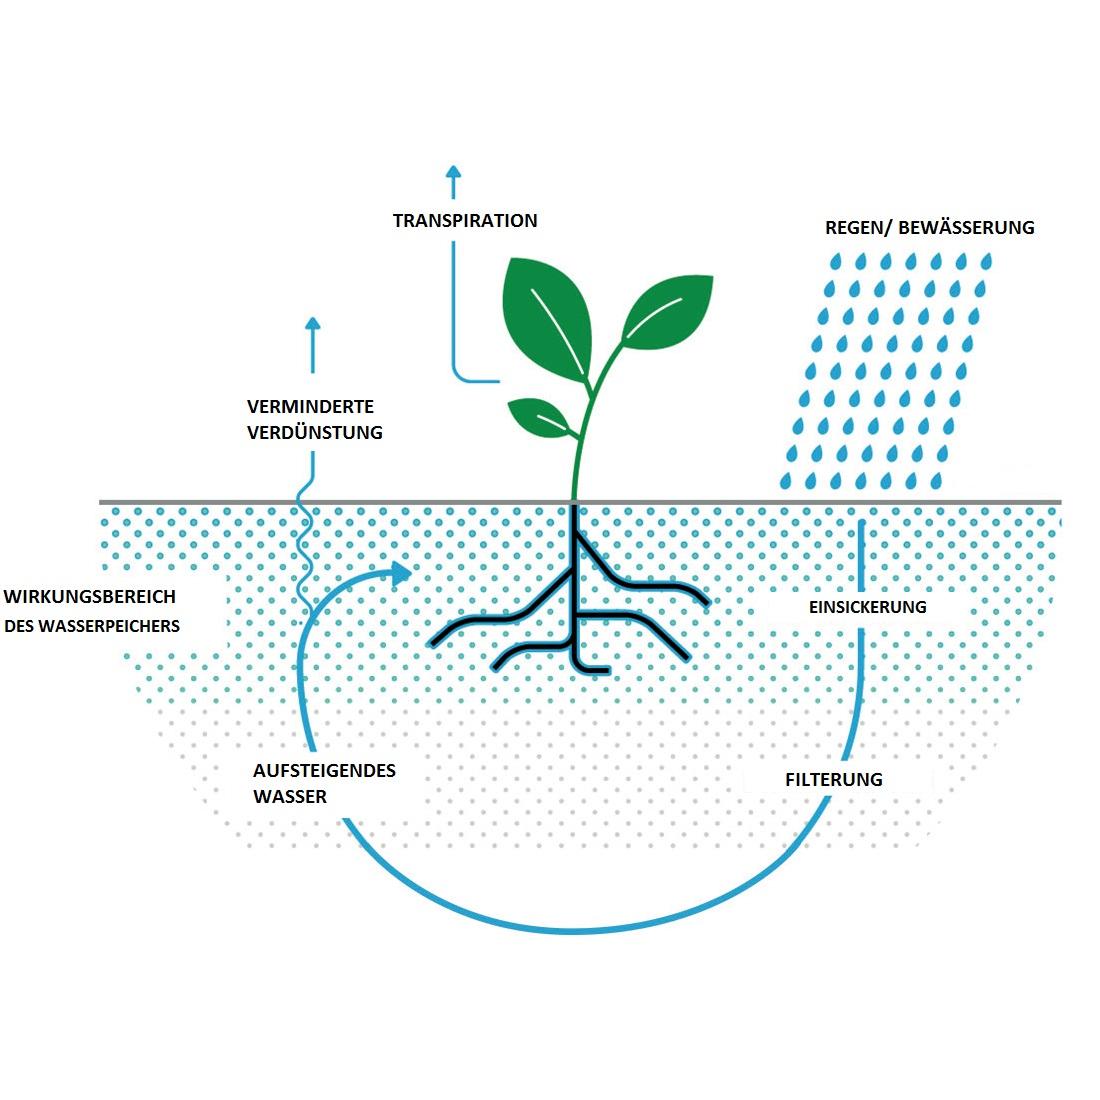 Wasserspeicher 250ml langzeitwirkung hydro stabilisator for Hydropflanzen versand